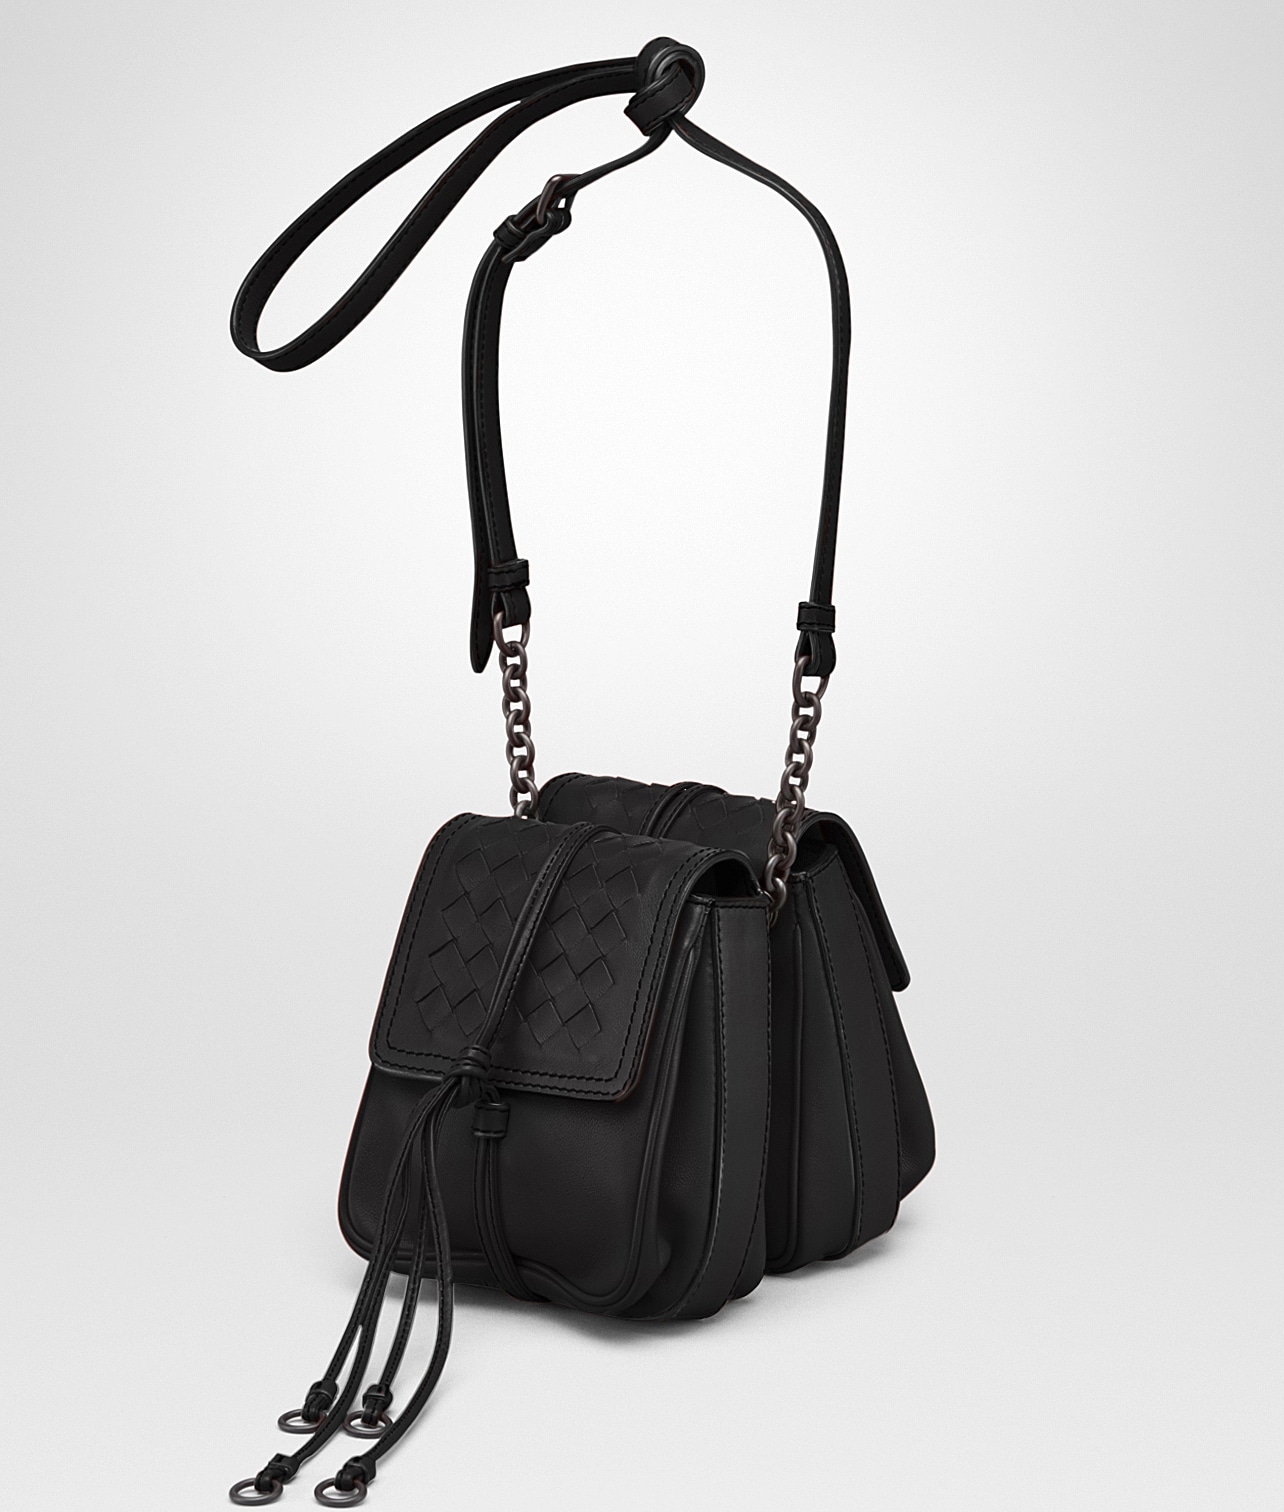 914e58968e72 Bottega Veneta Nero Nappa Intrecciato Double Micro Shoulder Bag